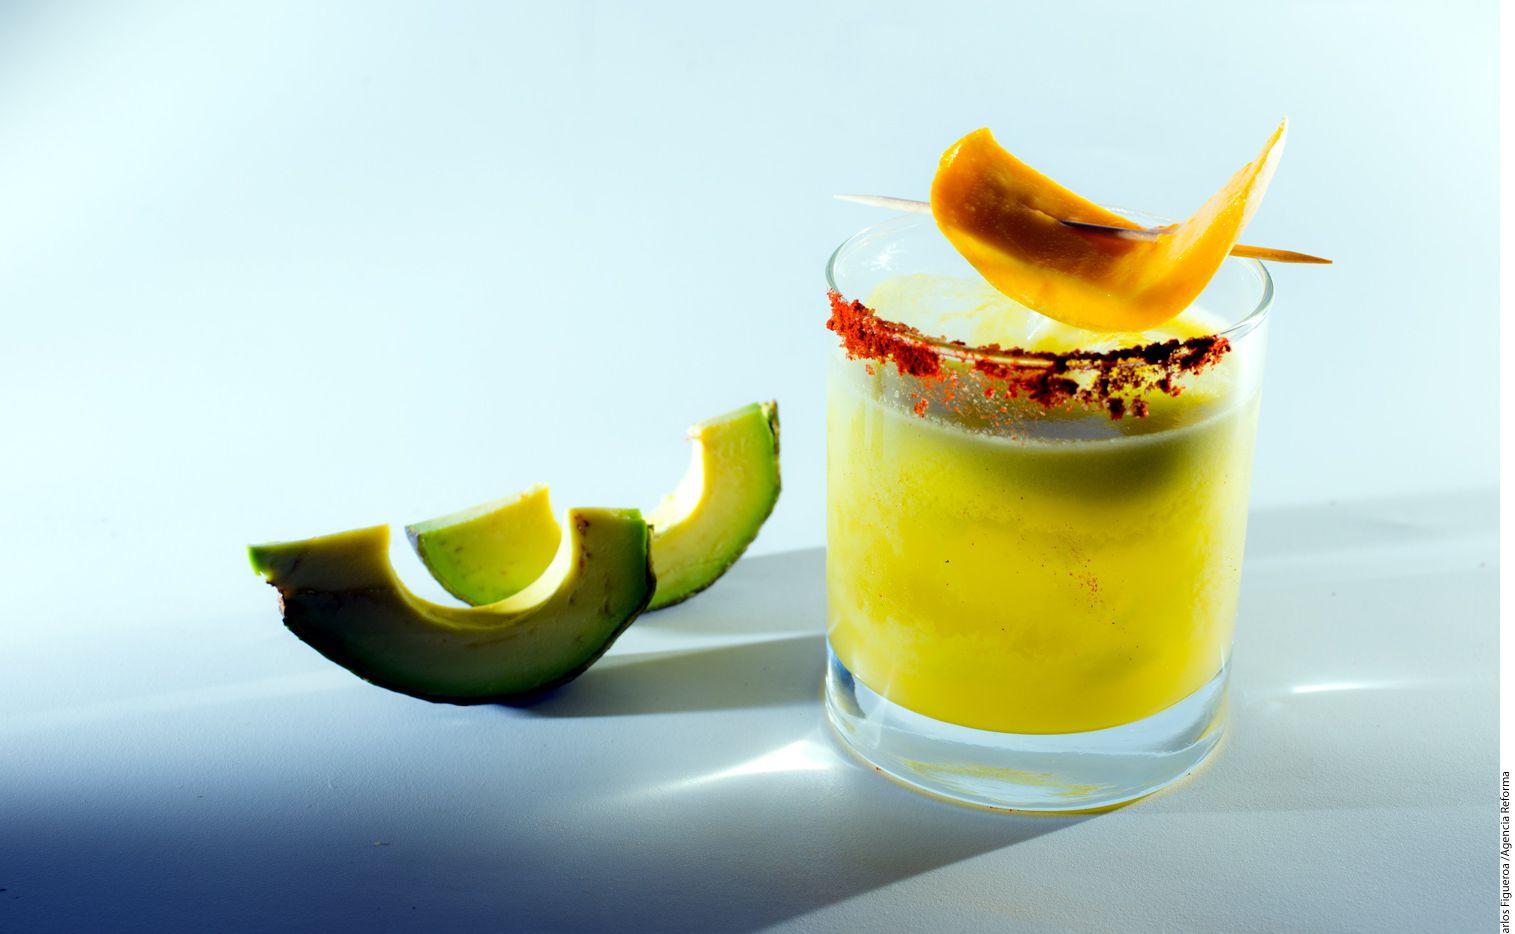 Para preparar la tropicante margarita se necesitan ¼ de aguacate, 1 2/3 de caballito de tequila reposado, una cucharada de triple sec, una cucharada de jarabe de agave y un caballito de jugo de limón./ AGENCIA REFORMA